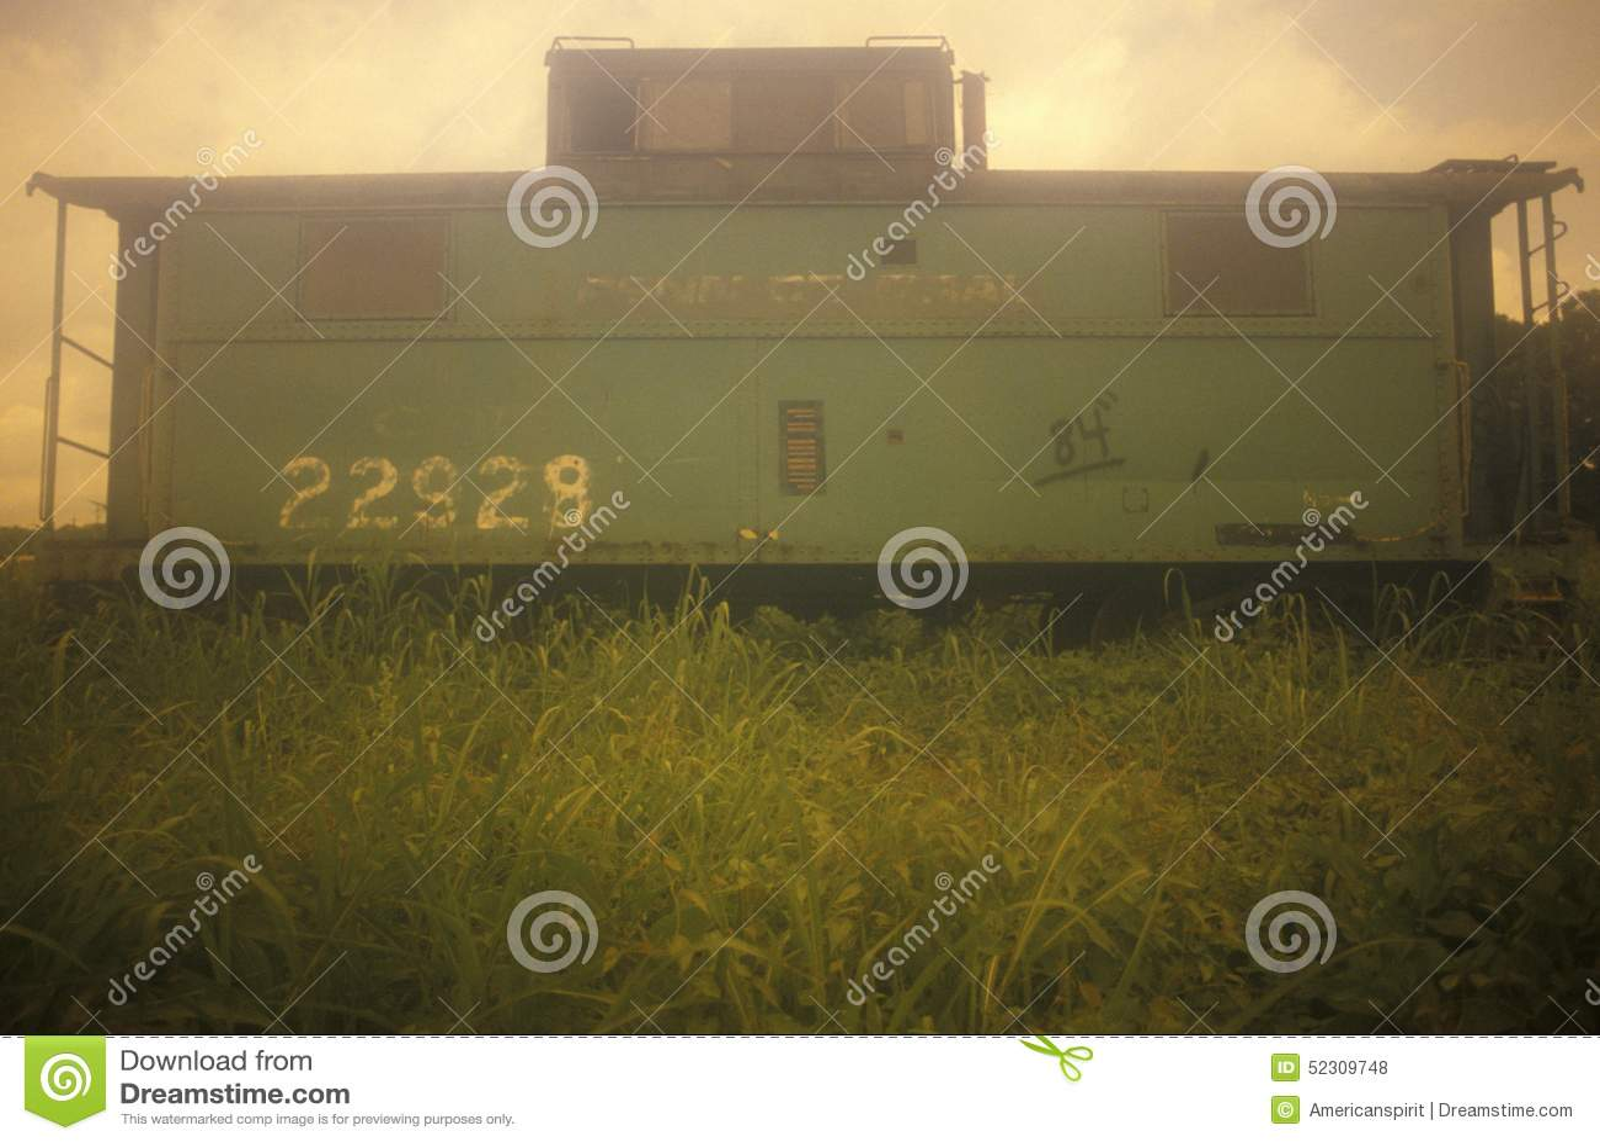 Παλαιό πράσινο boxcar σιδηροδρόμου επάνω σε έναν λόφο στο Κάιρο, Ιλλινόις